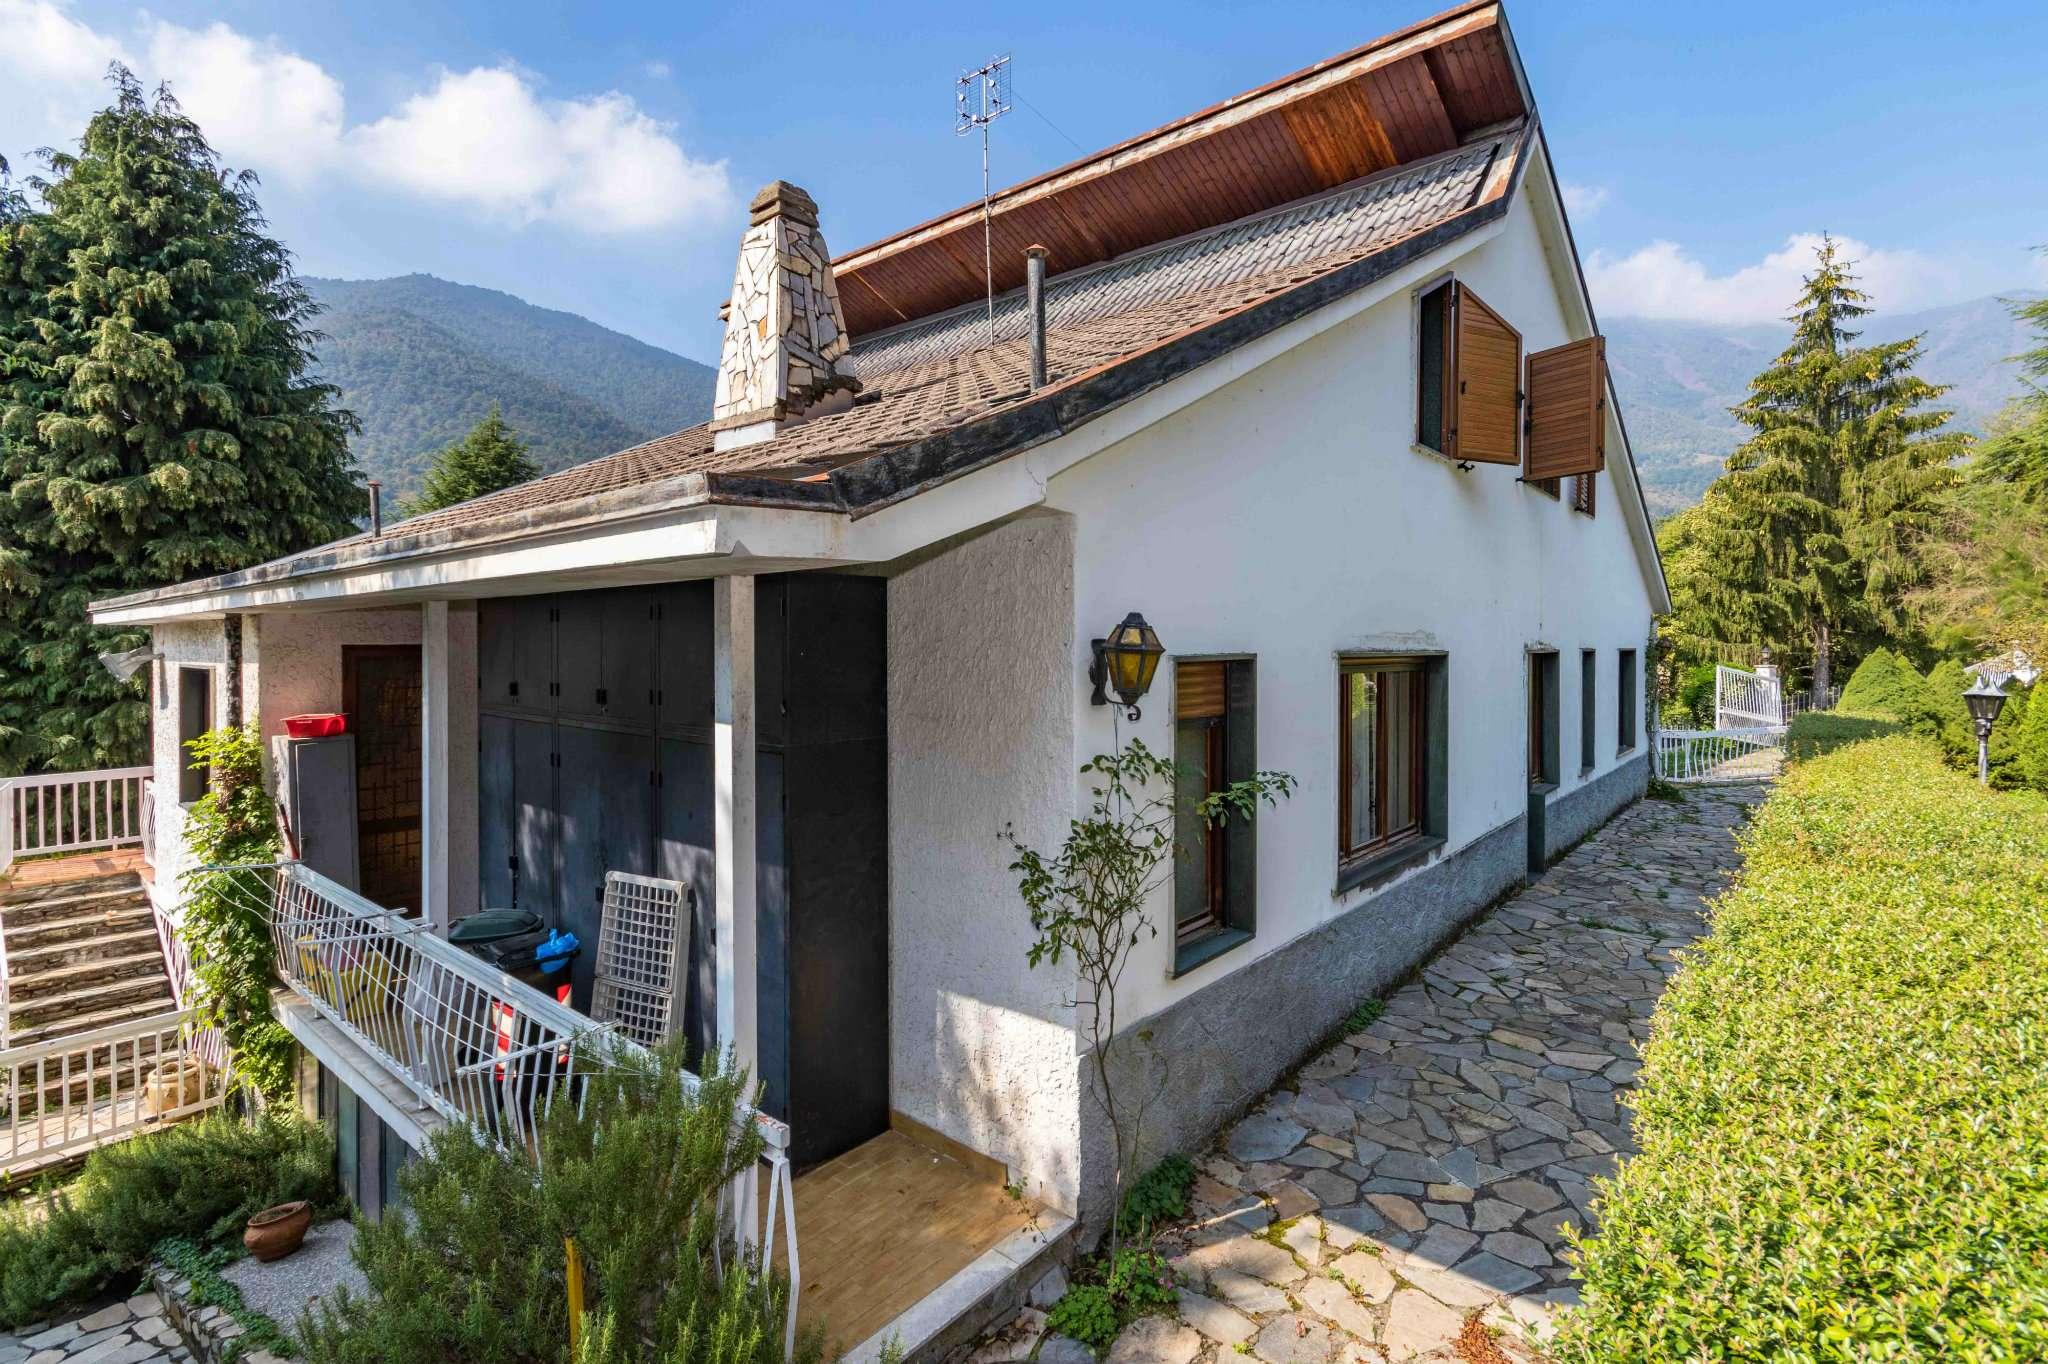 Villa in affitto a Val della Torre, 9 locali, prezzo € 1.200 | CambioCasa.it